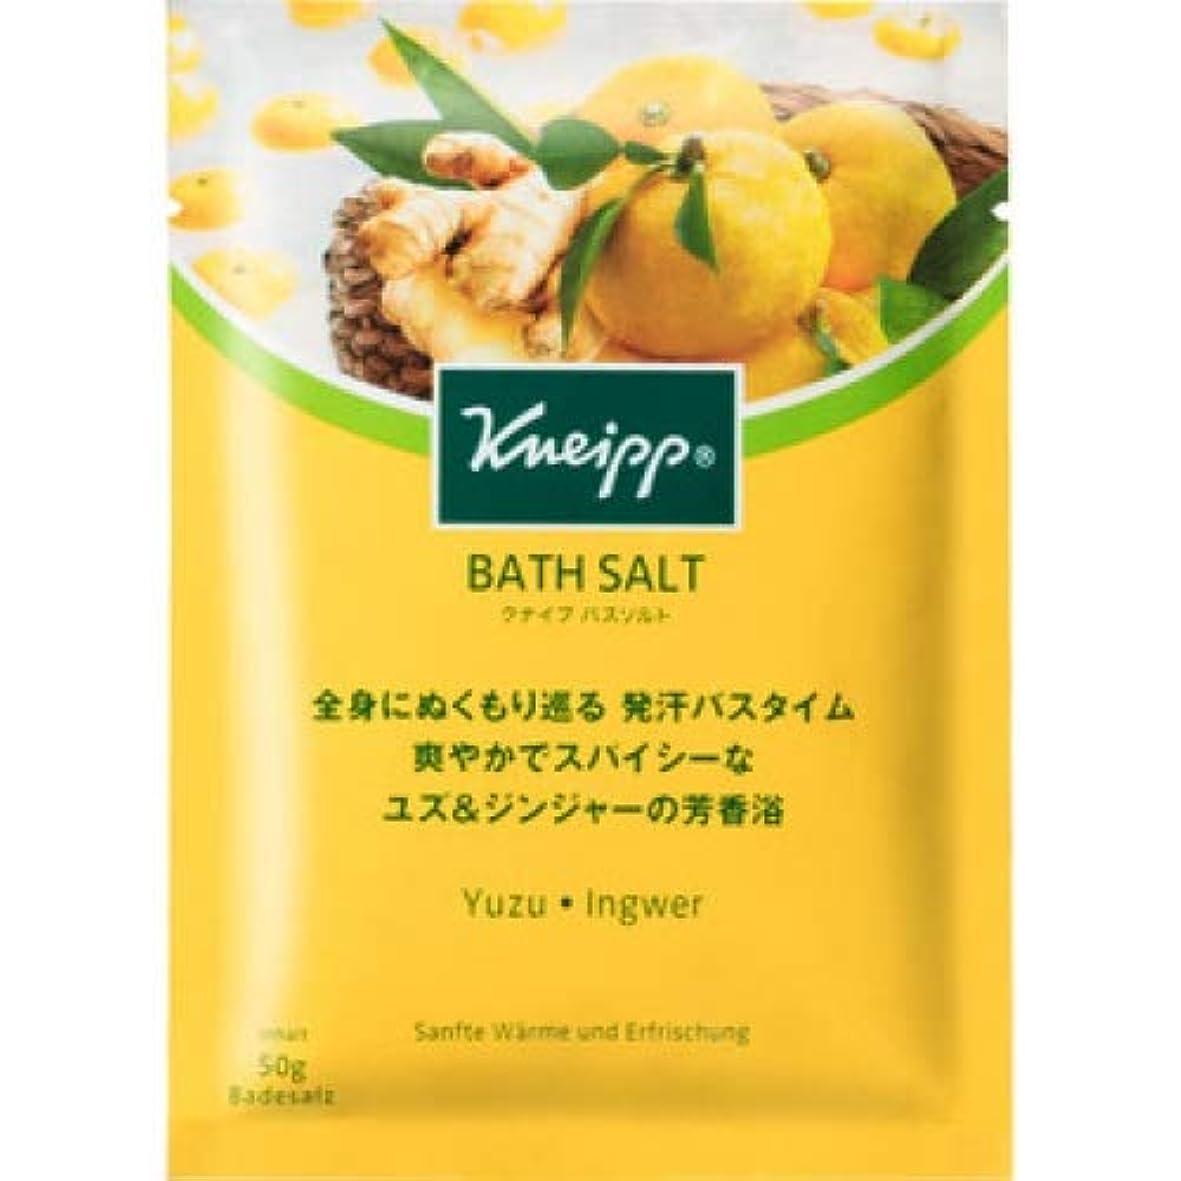 研究キモい眠りドイツ製バスソルト KNEIPP クナイプ バスソルト ユズ&ジンジャーの香り (50g) 入浴剤